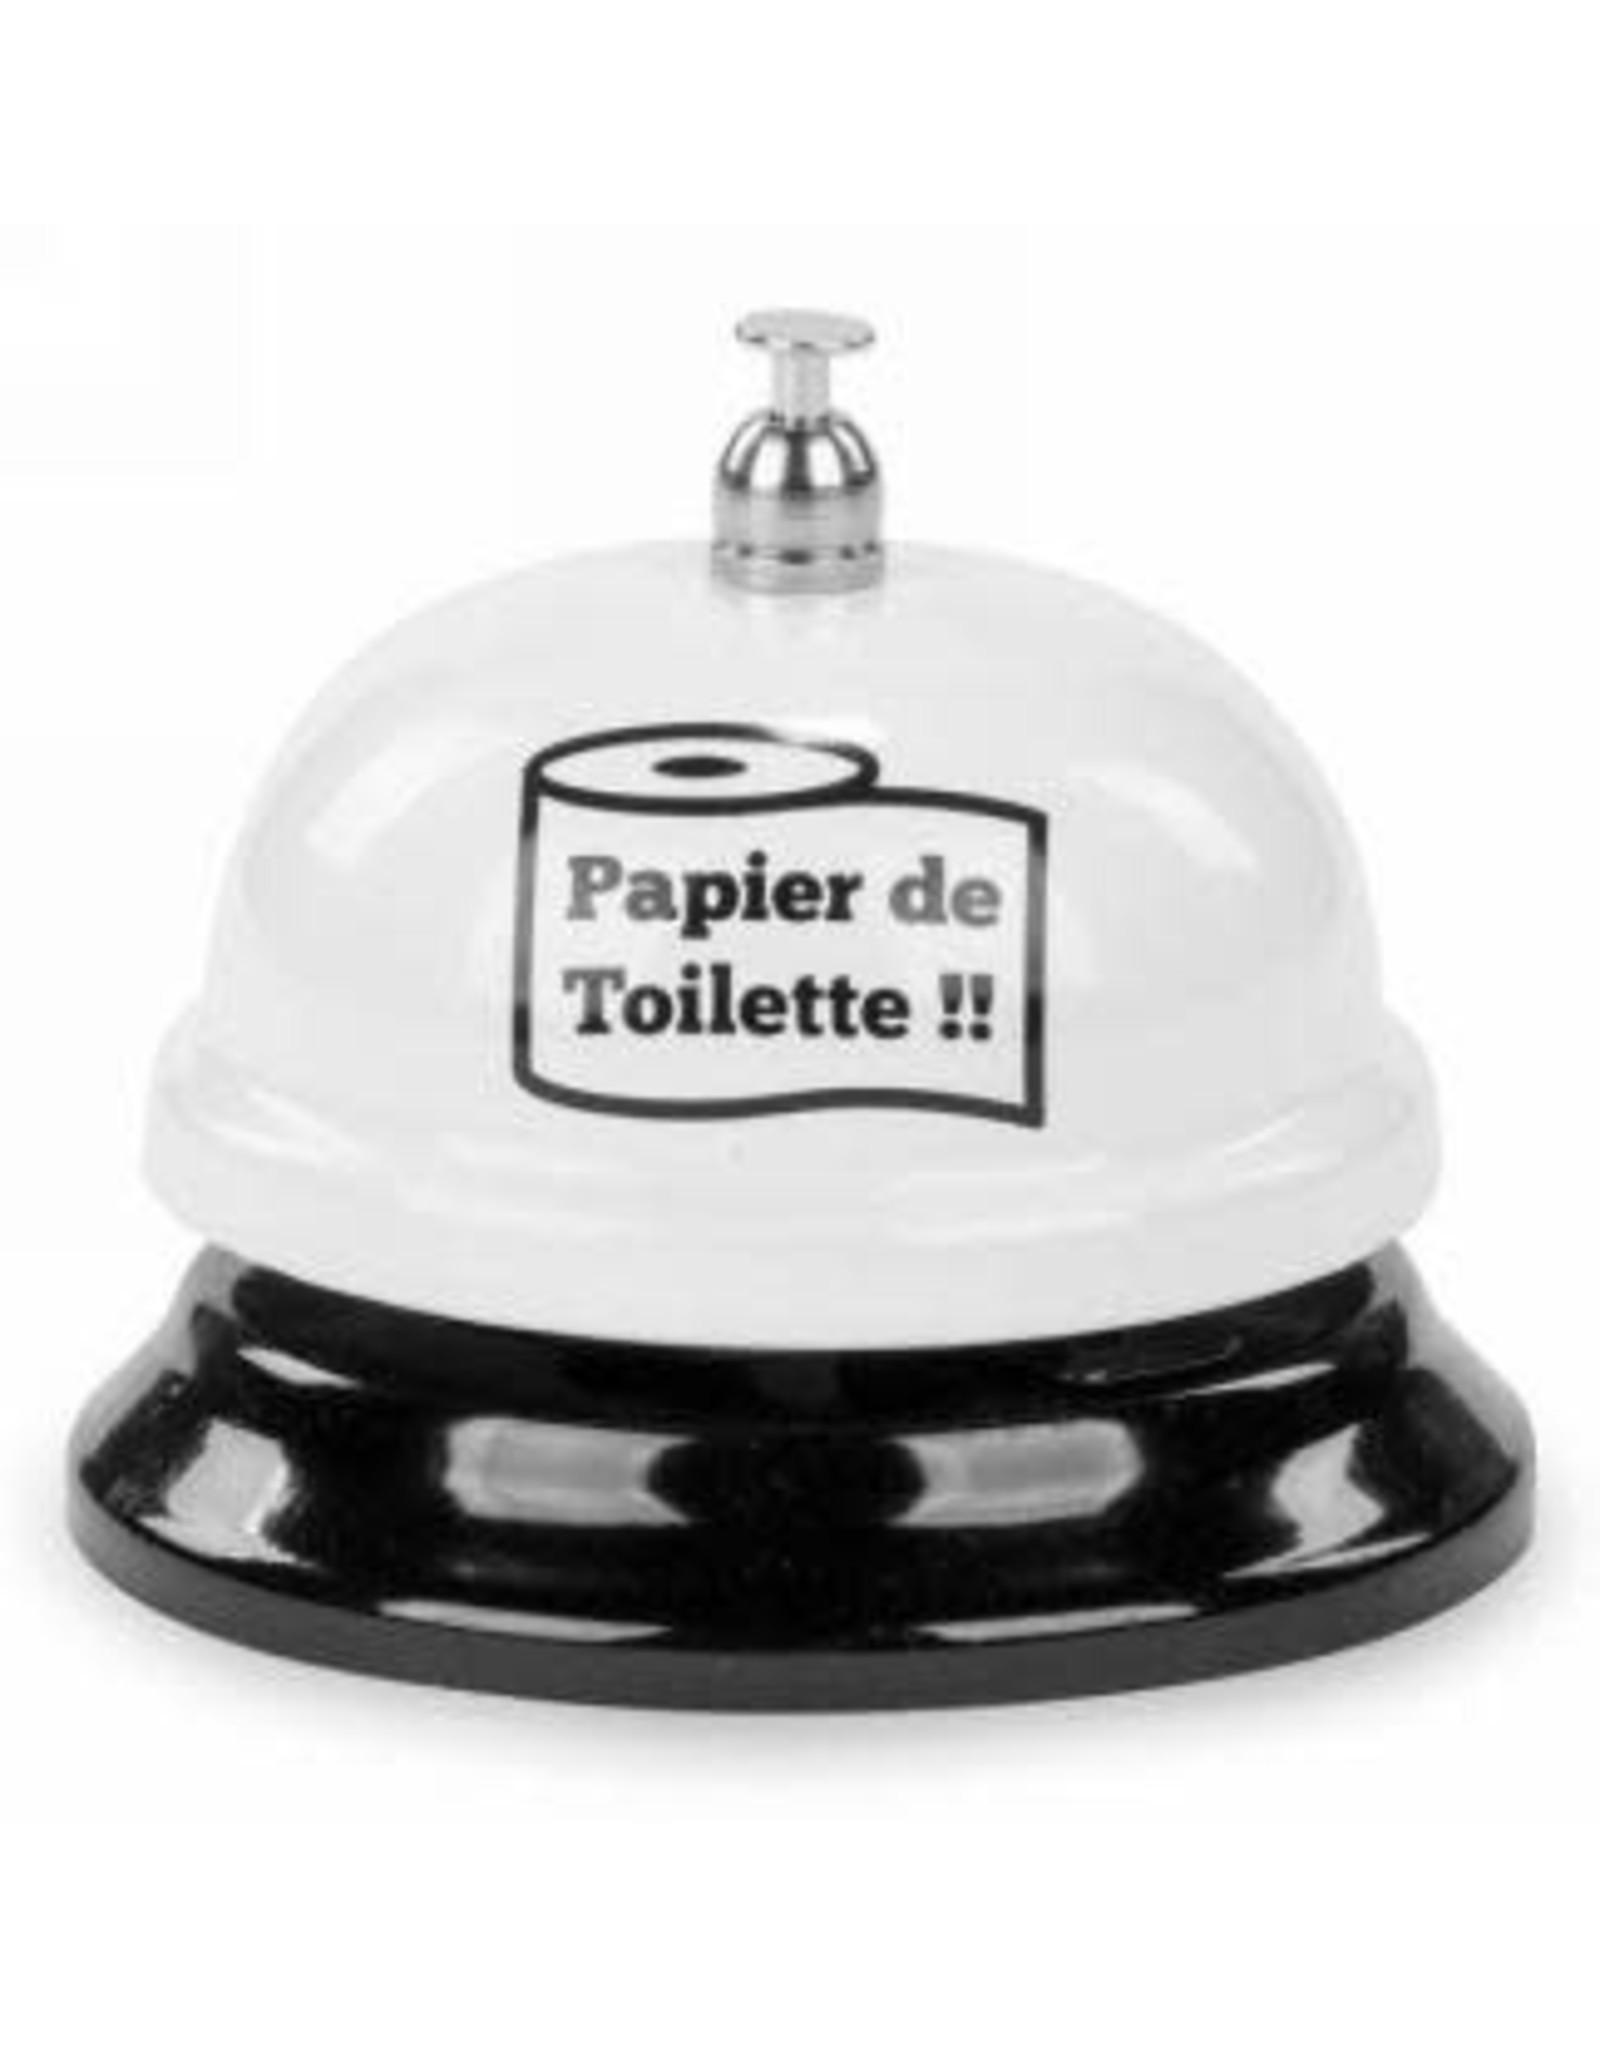 Sonnette - Papier de toilette!